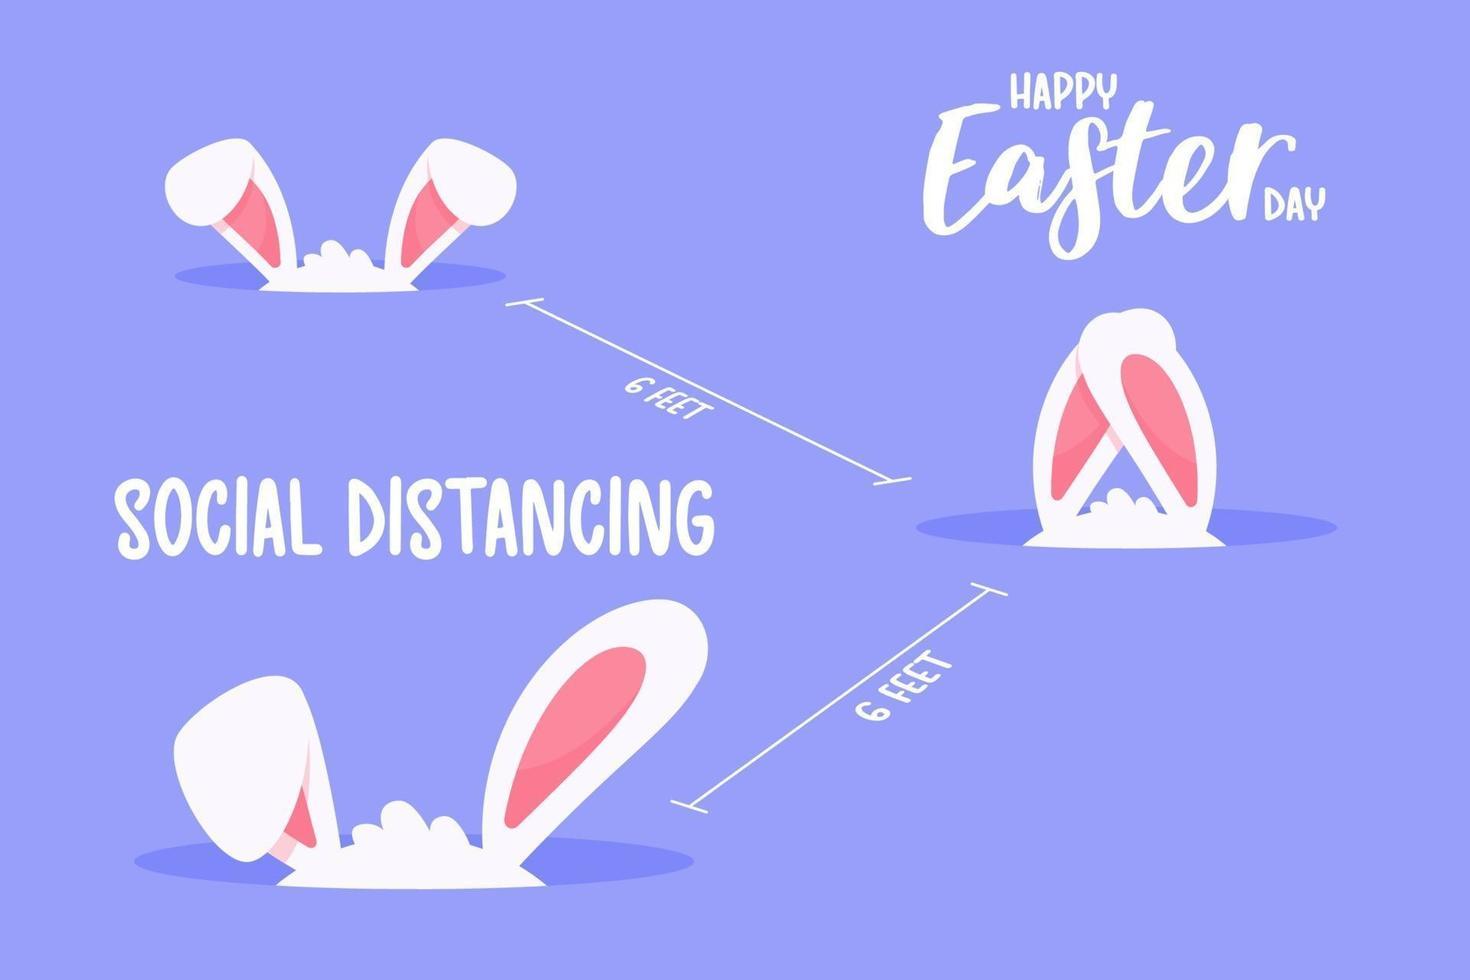 kleine konijnenoren in holte sociale afstand nemen. het concept van quarantaine en sociale afstand. vector